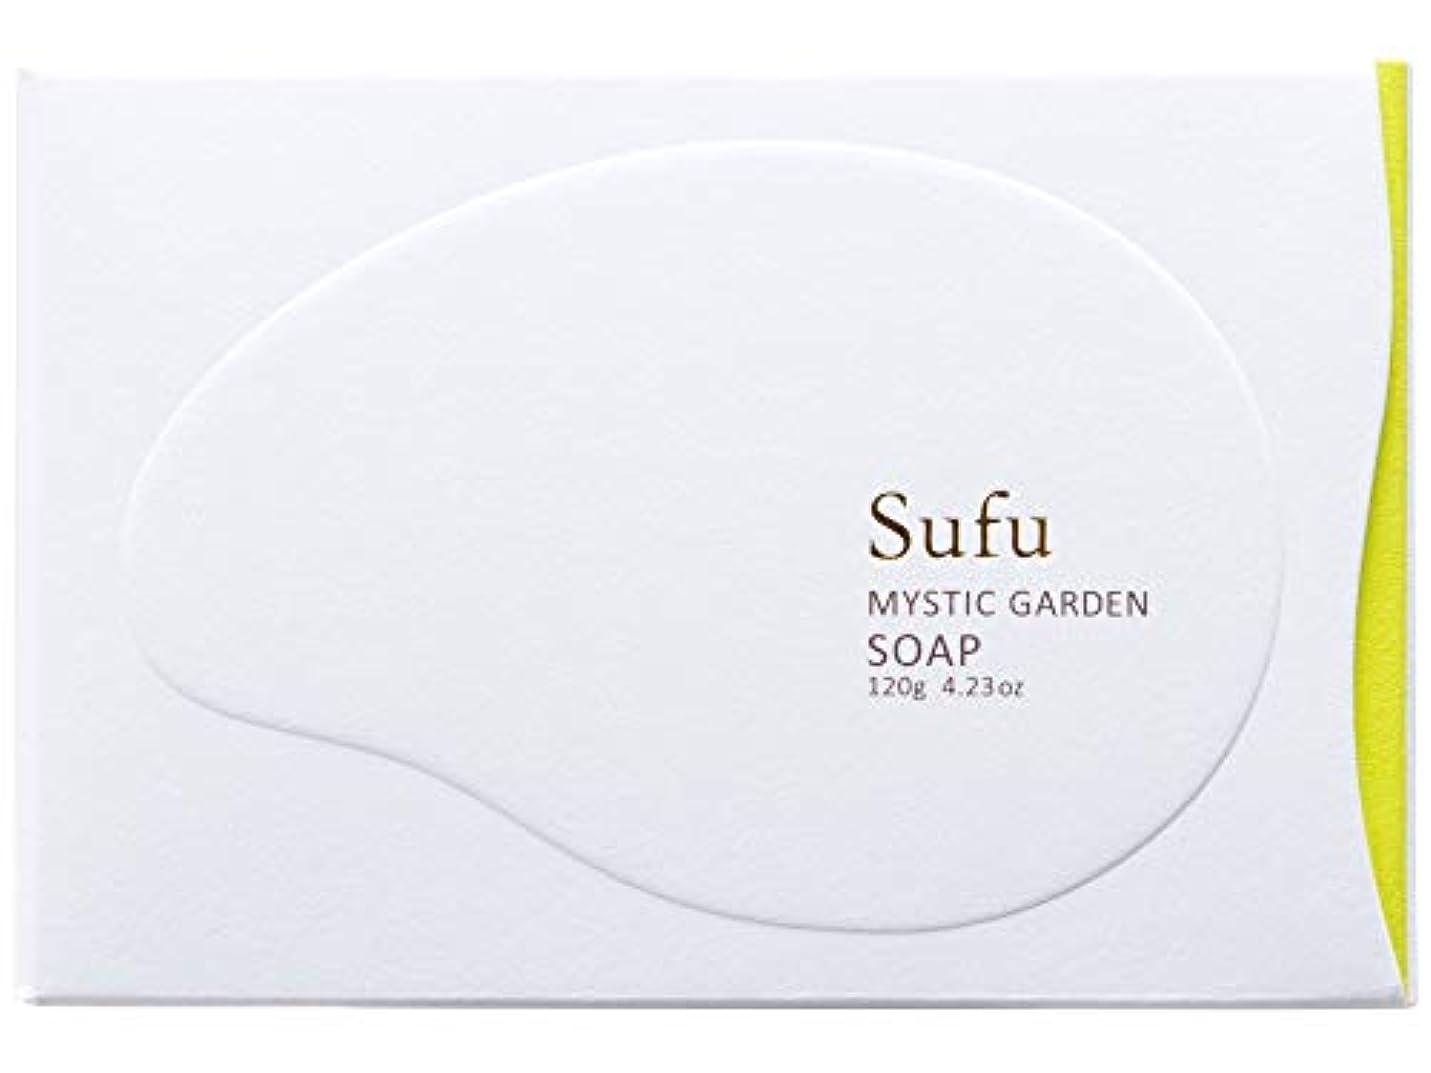 今日浴生き物ペリカン石鹸 Sufu ソープ ミスティックガーデン 120g